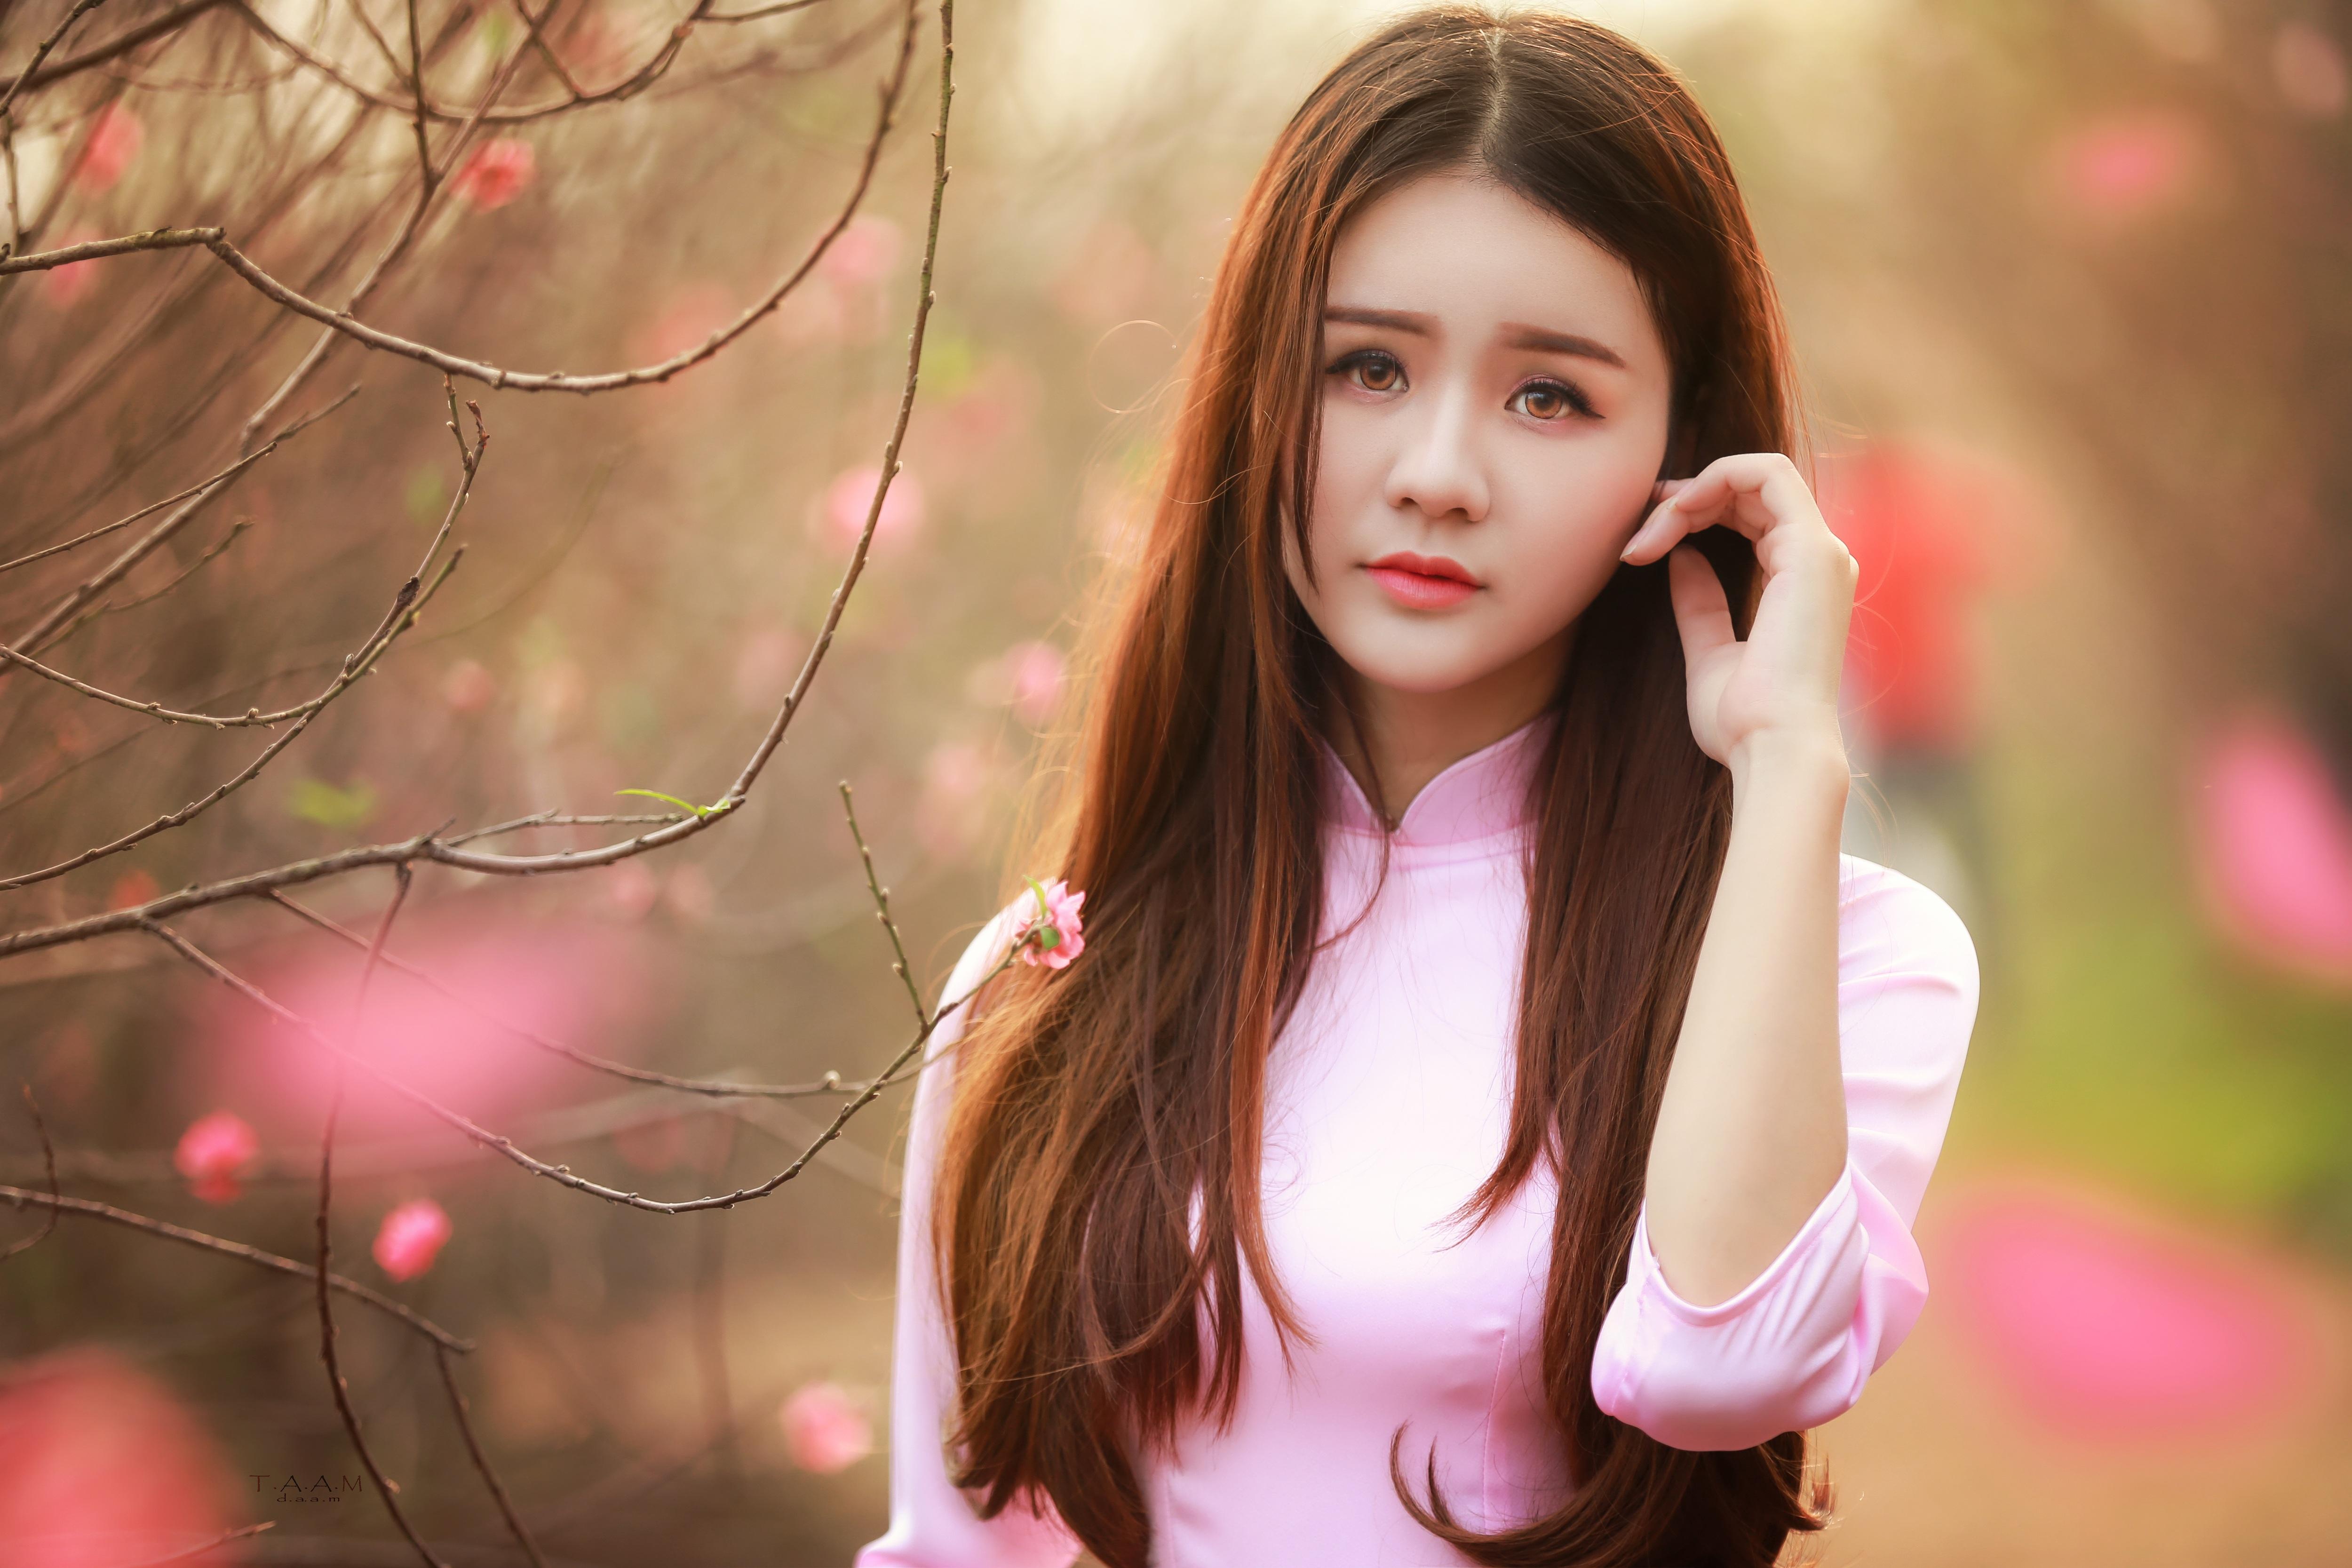 Thiếu nữ mộng mơ giữa vườn đào Nhật Tân - 1